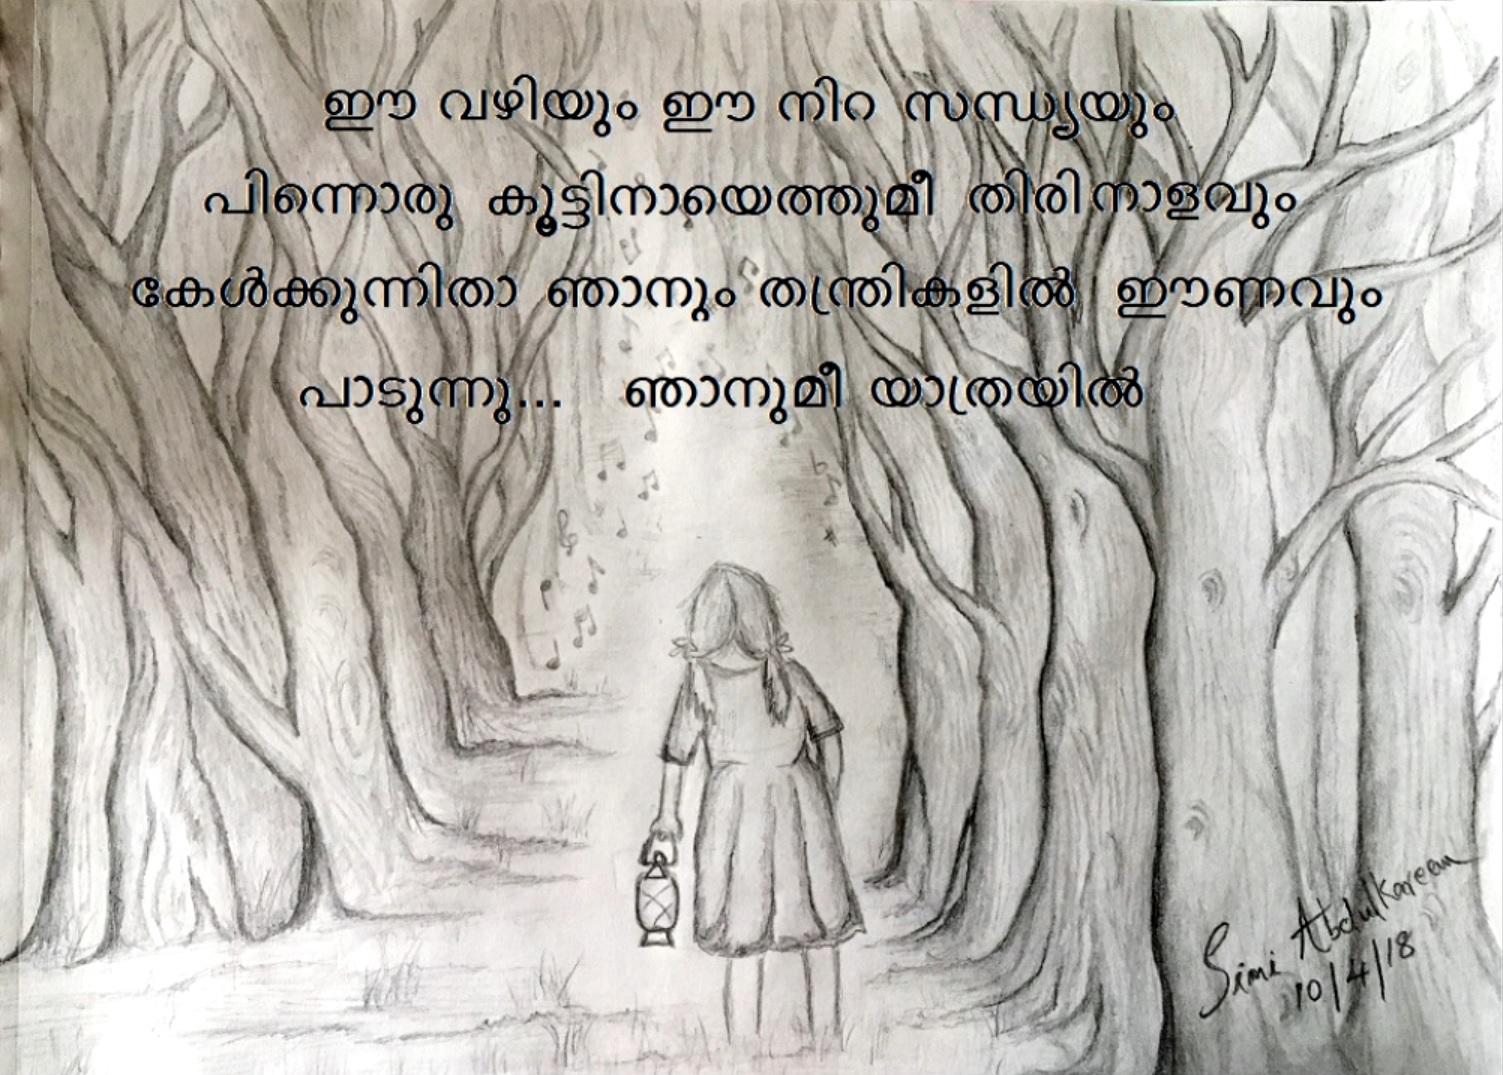 ee vazhiyum